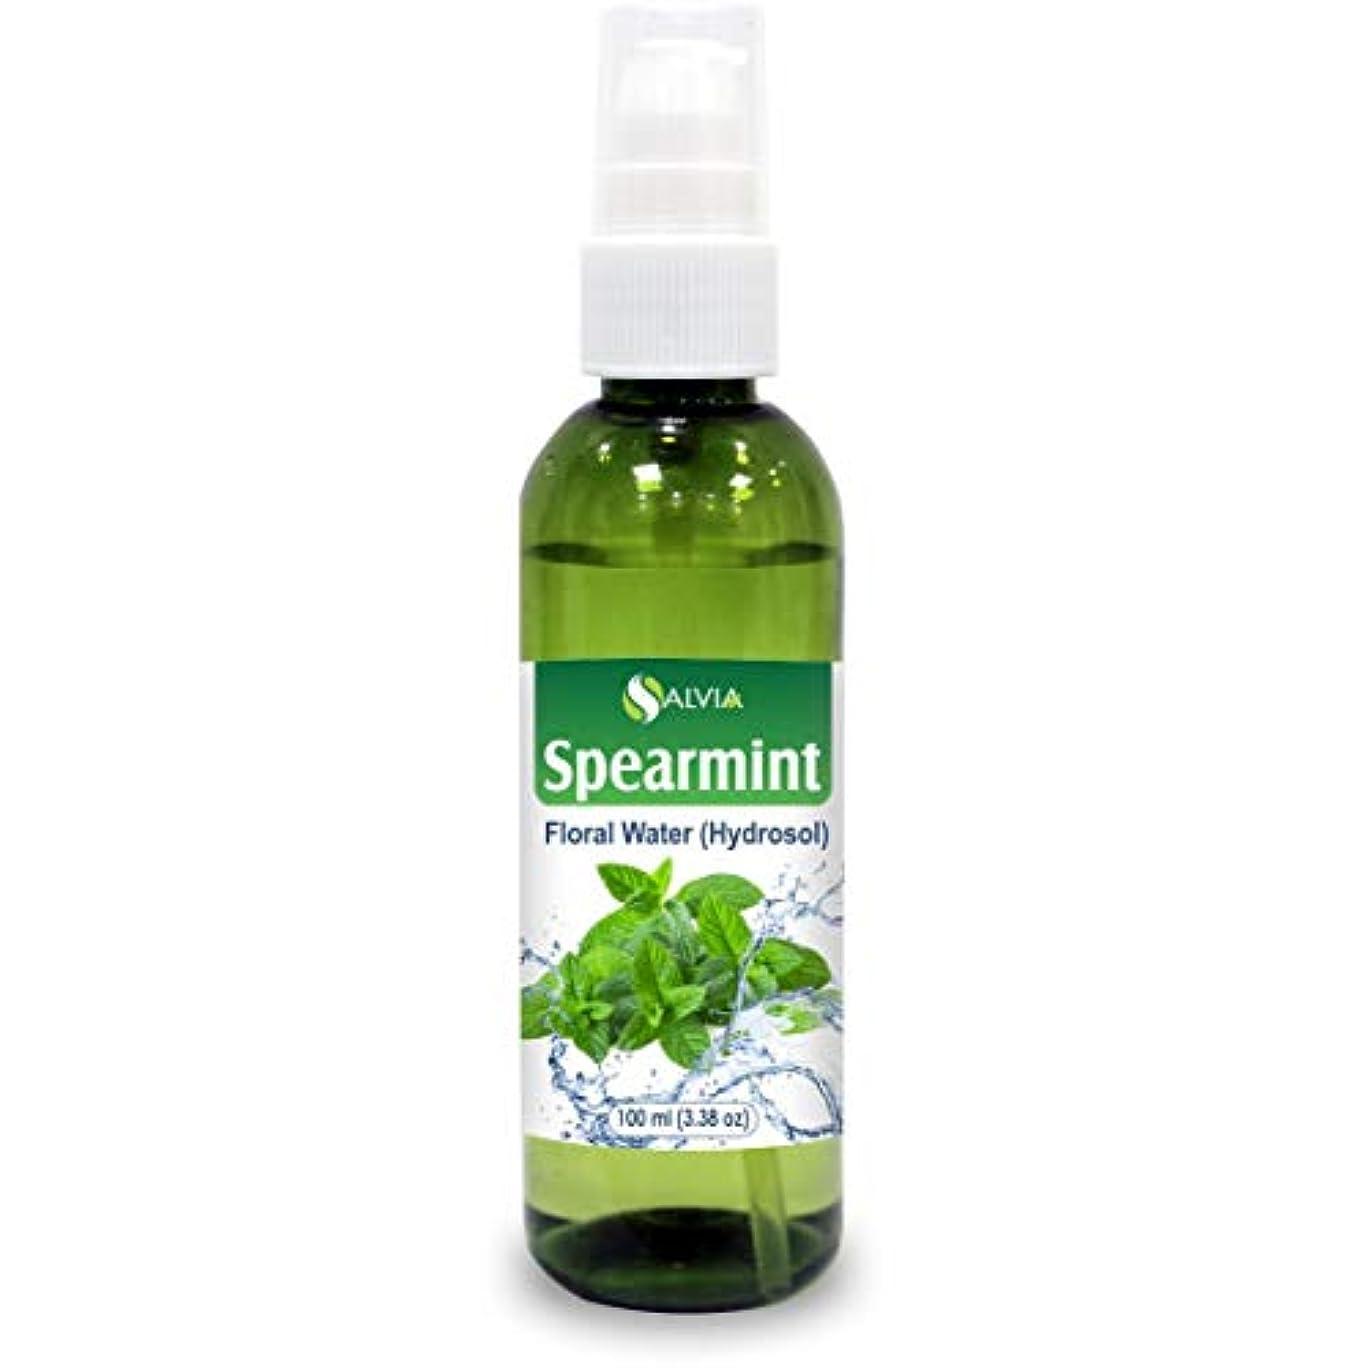 懸念感情会社Spearmint Floral Water 100ml (Hydrosol) 100% Pure And Natural